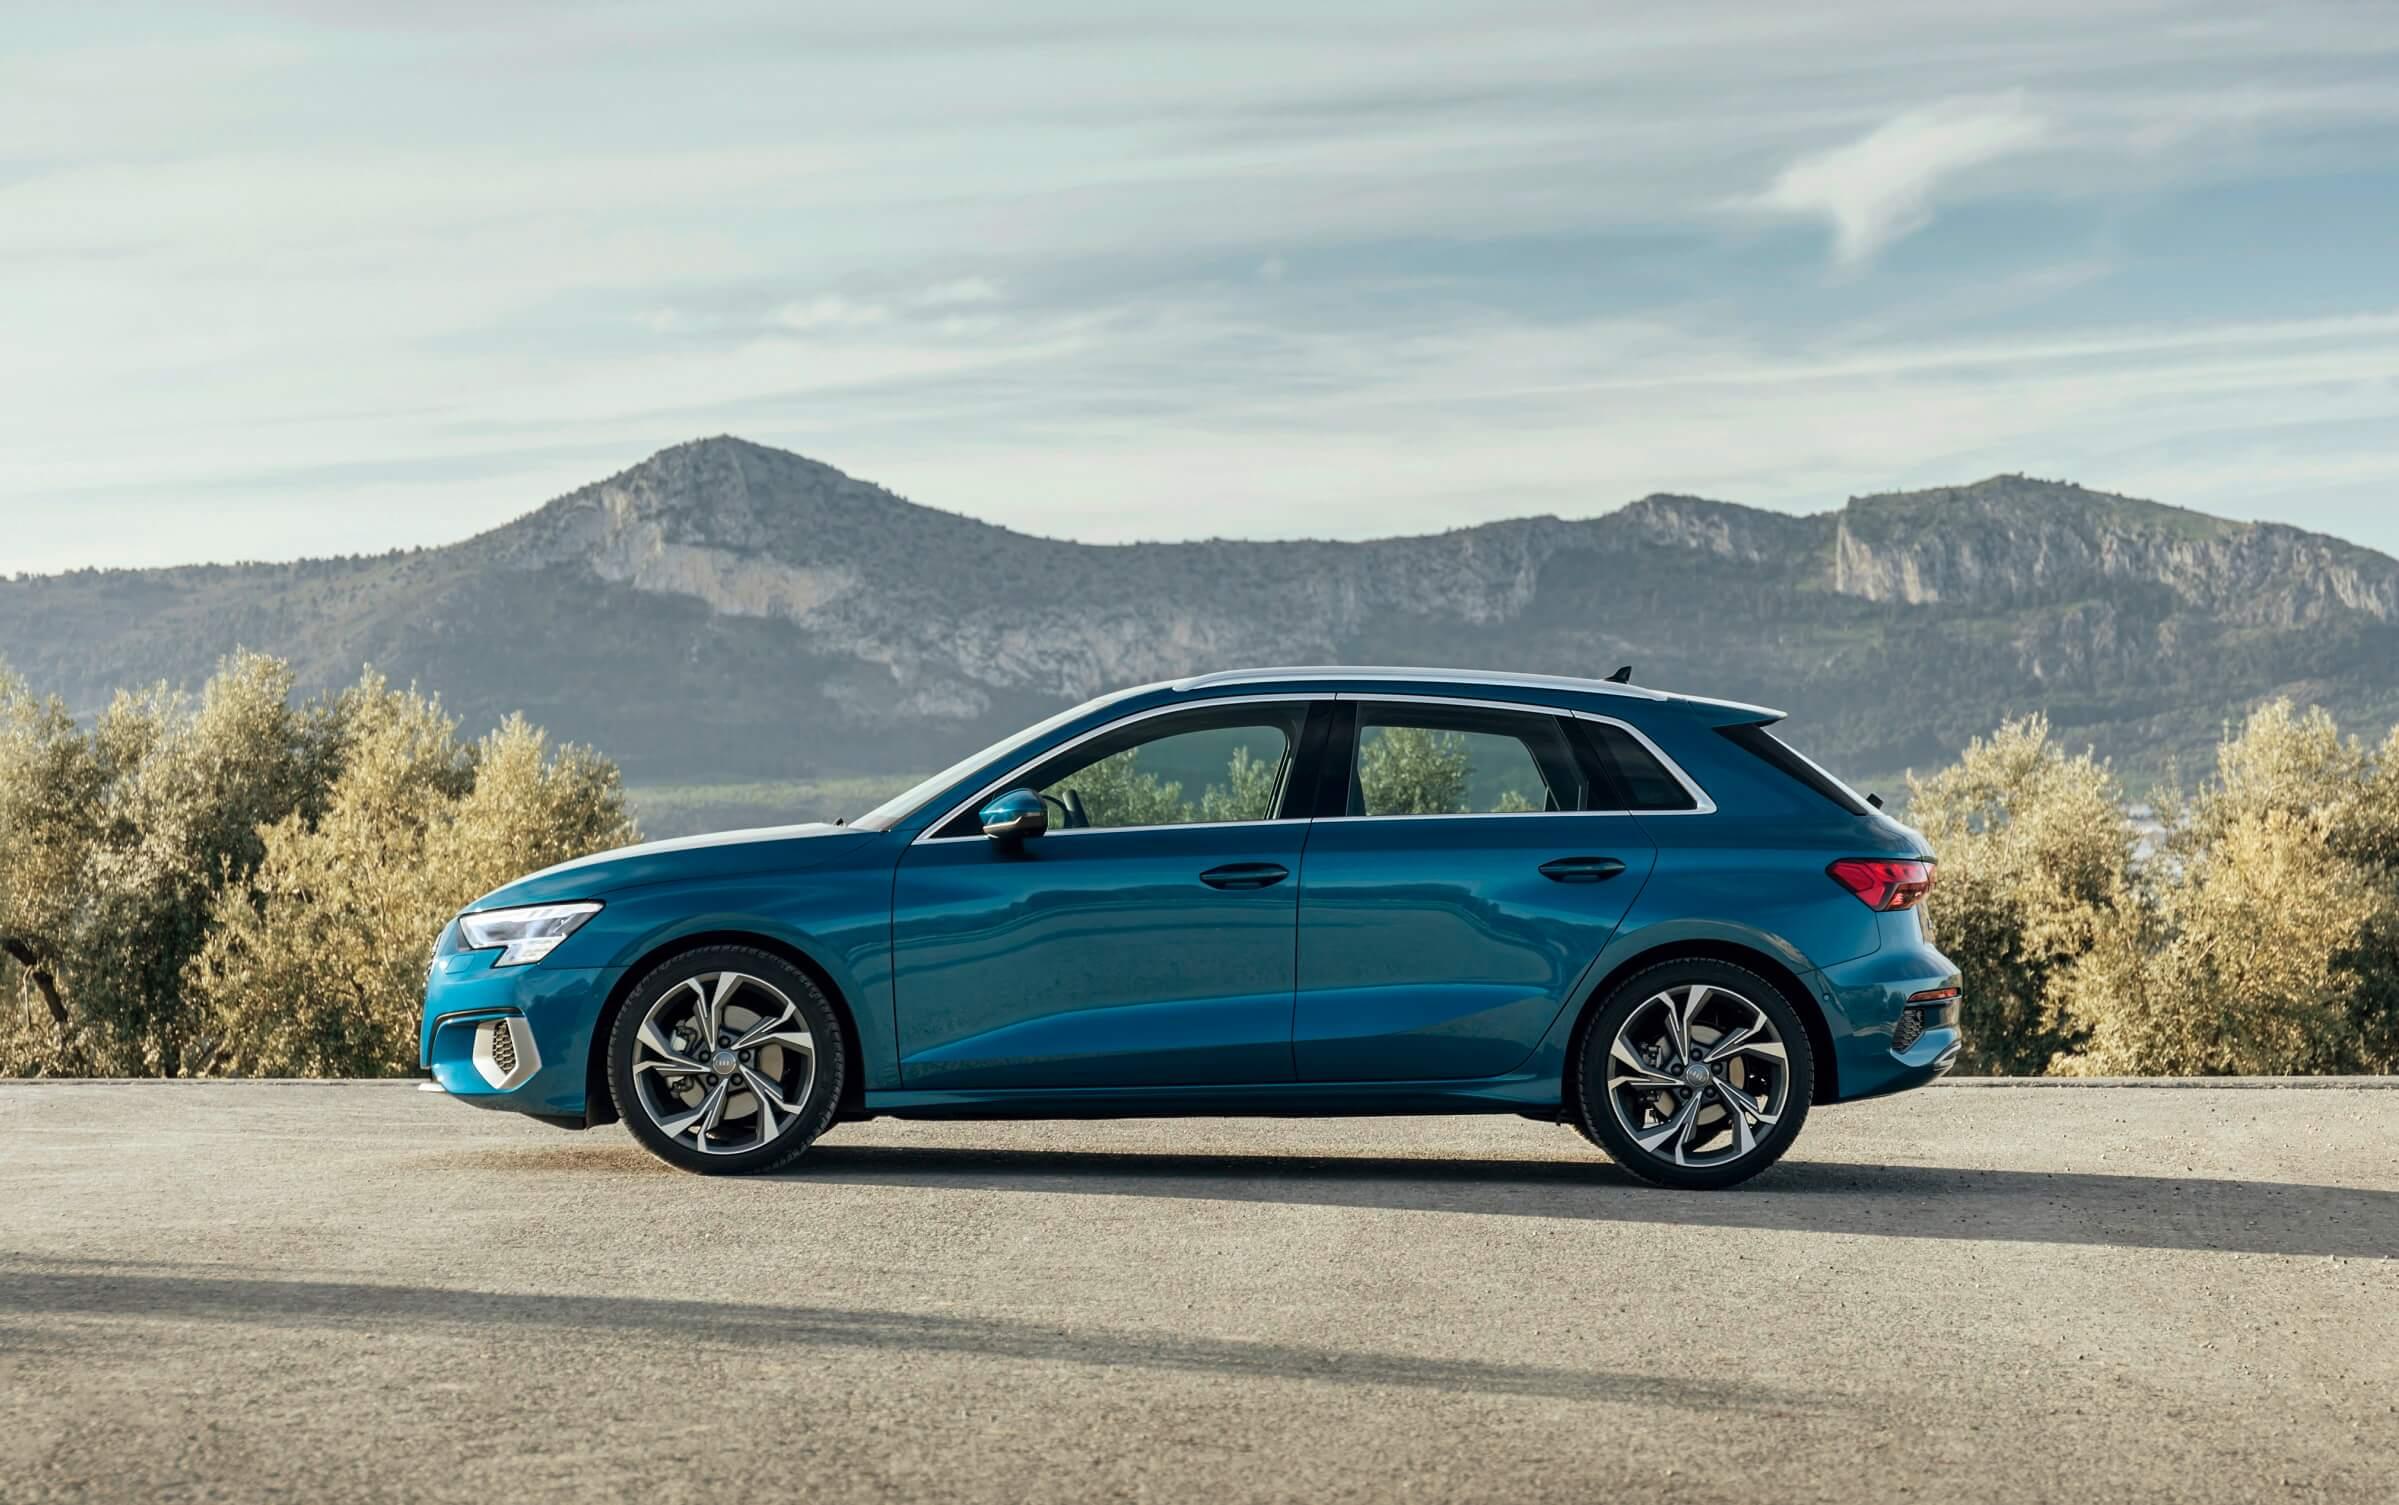 Νέο Audi A3 Sportback - Πλαϊνή όψη σε μπλε χρώμα